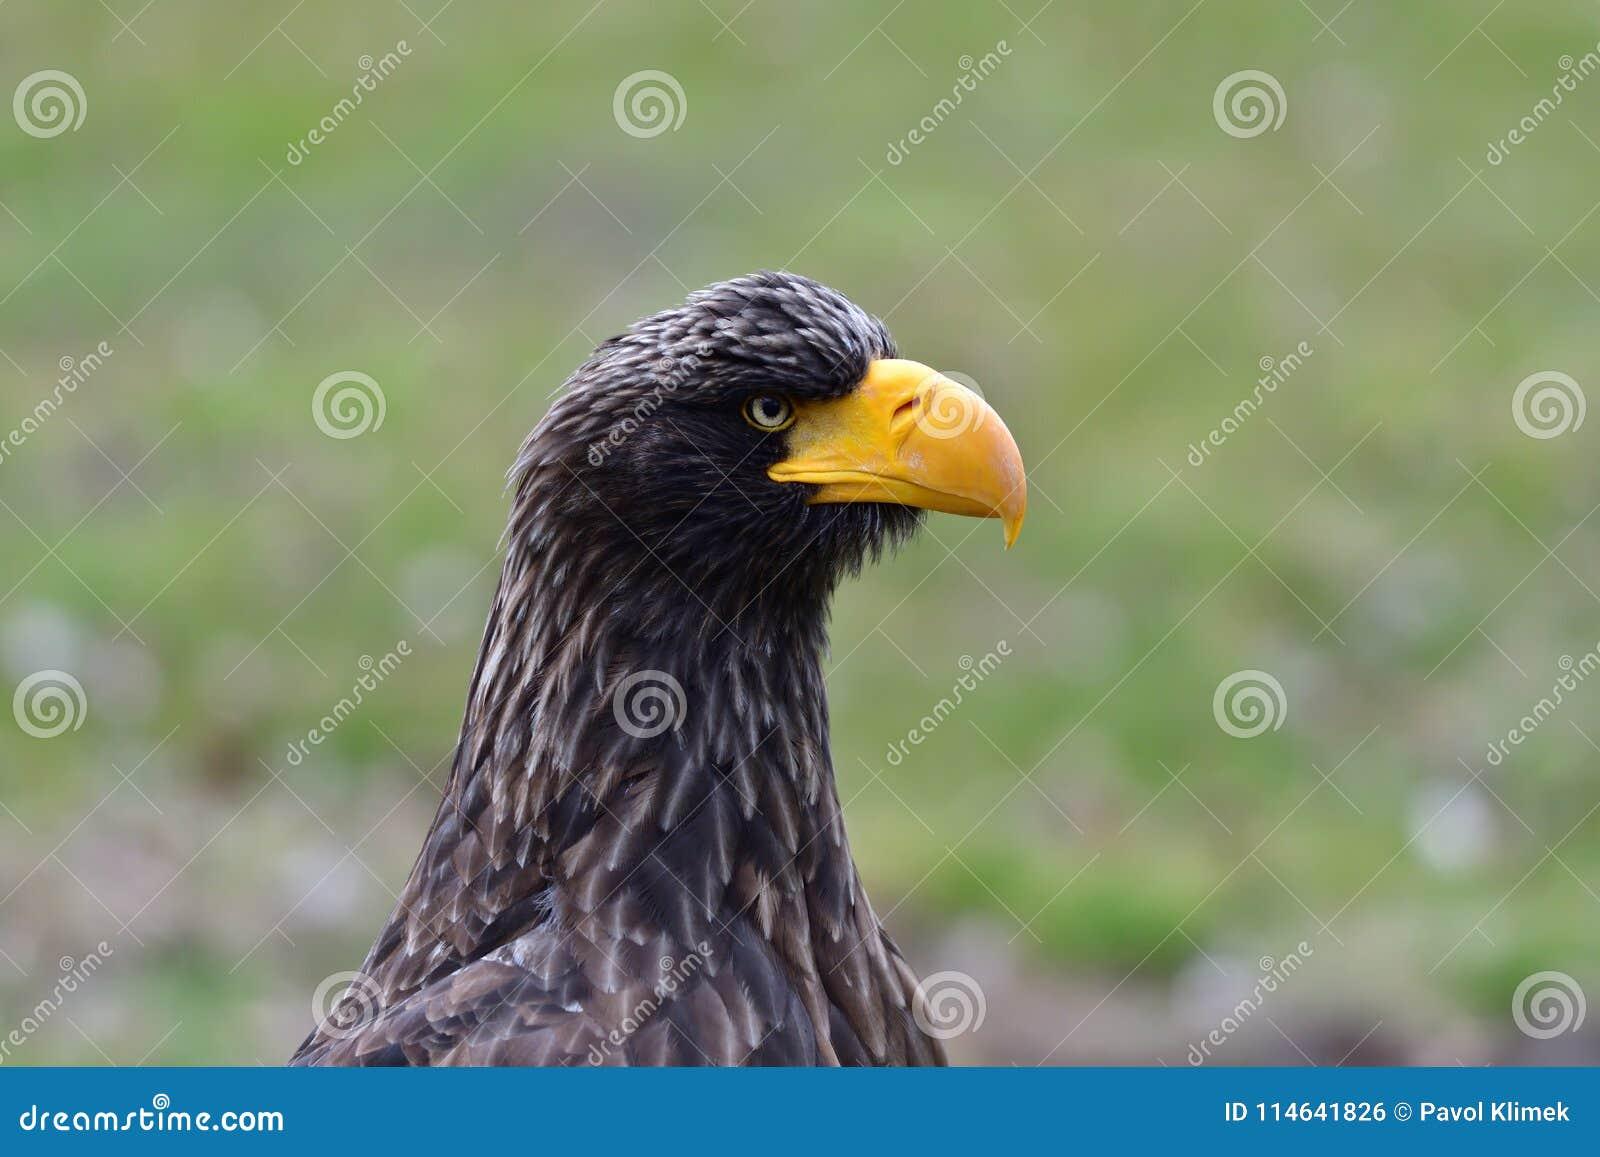 Portrait bird of prey eagle with yelow beak